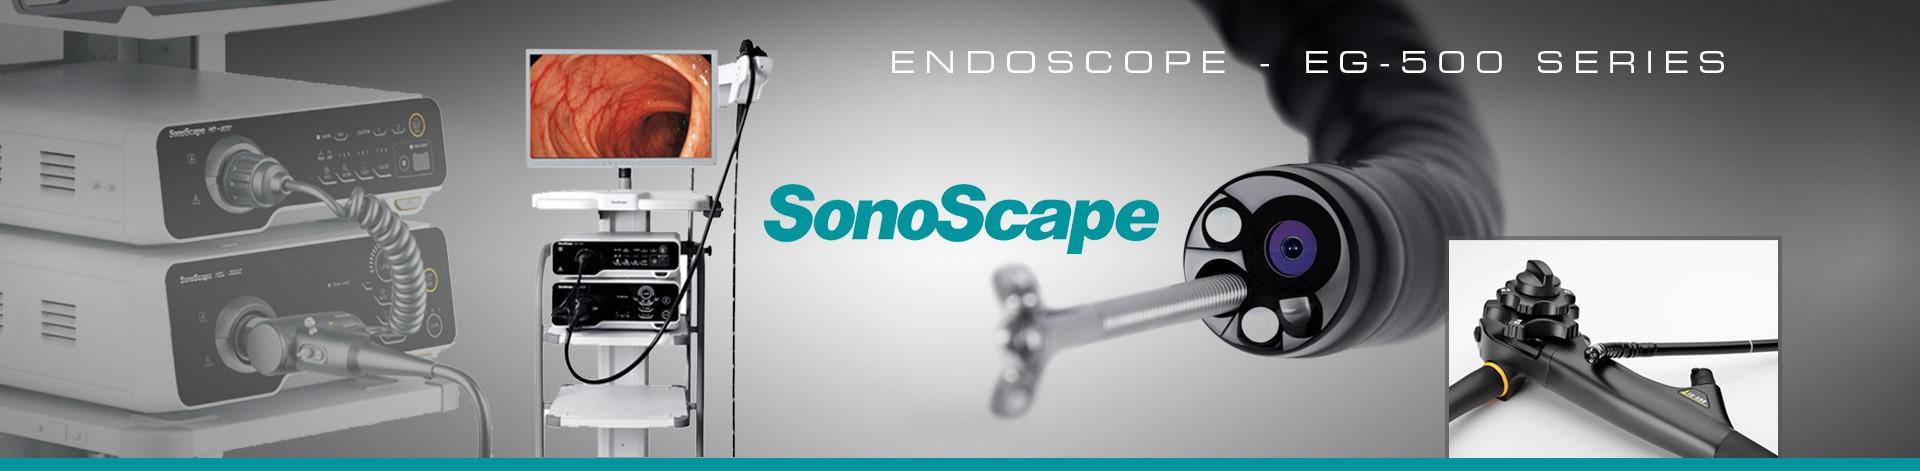 Endoscope